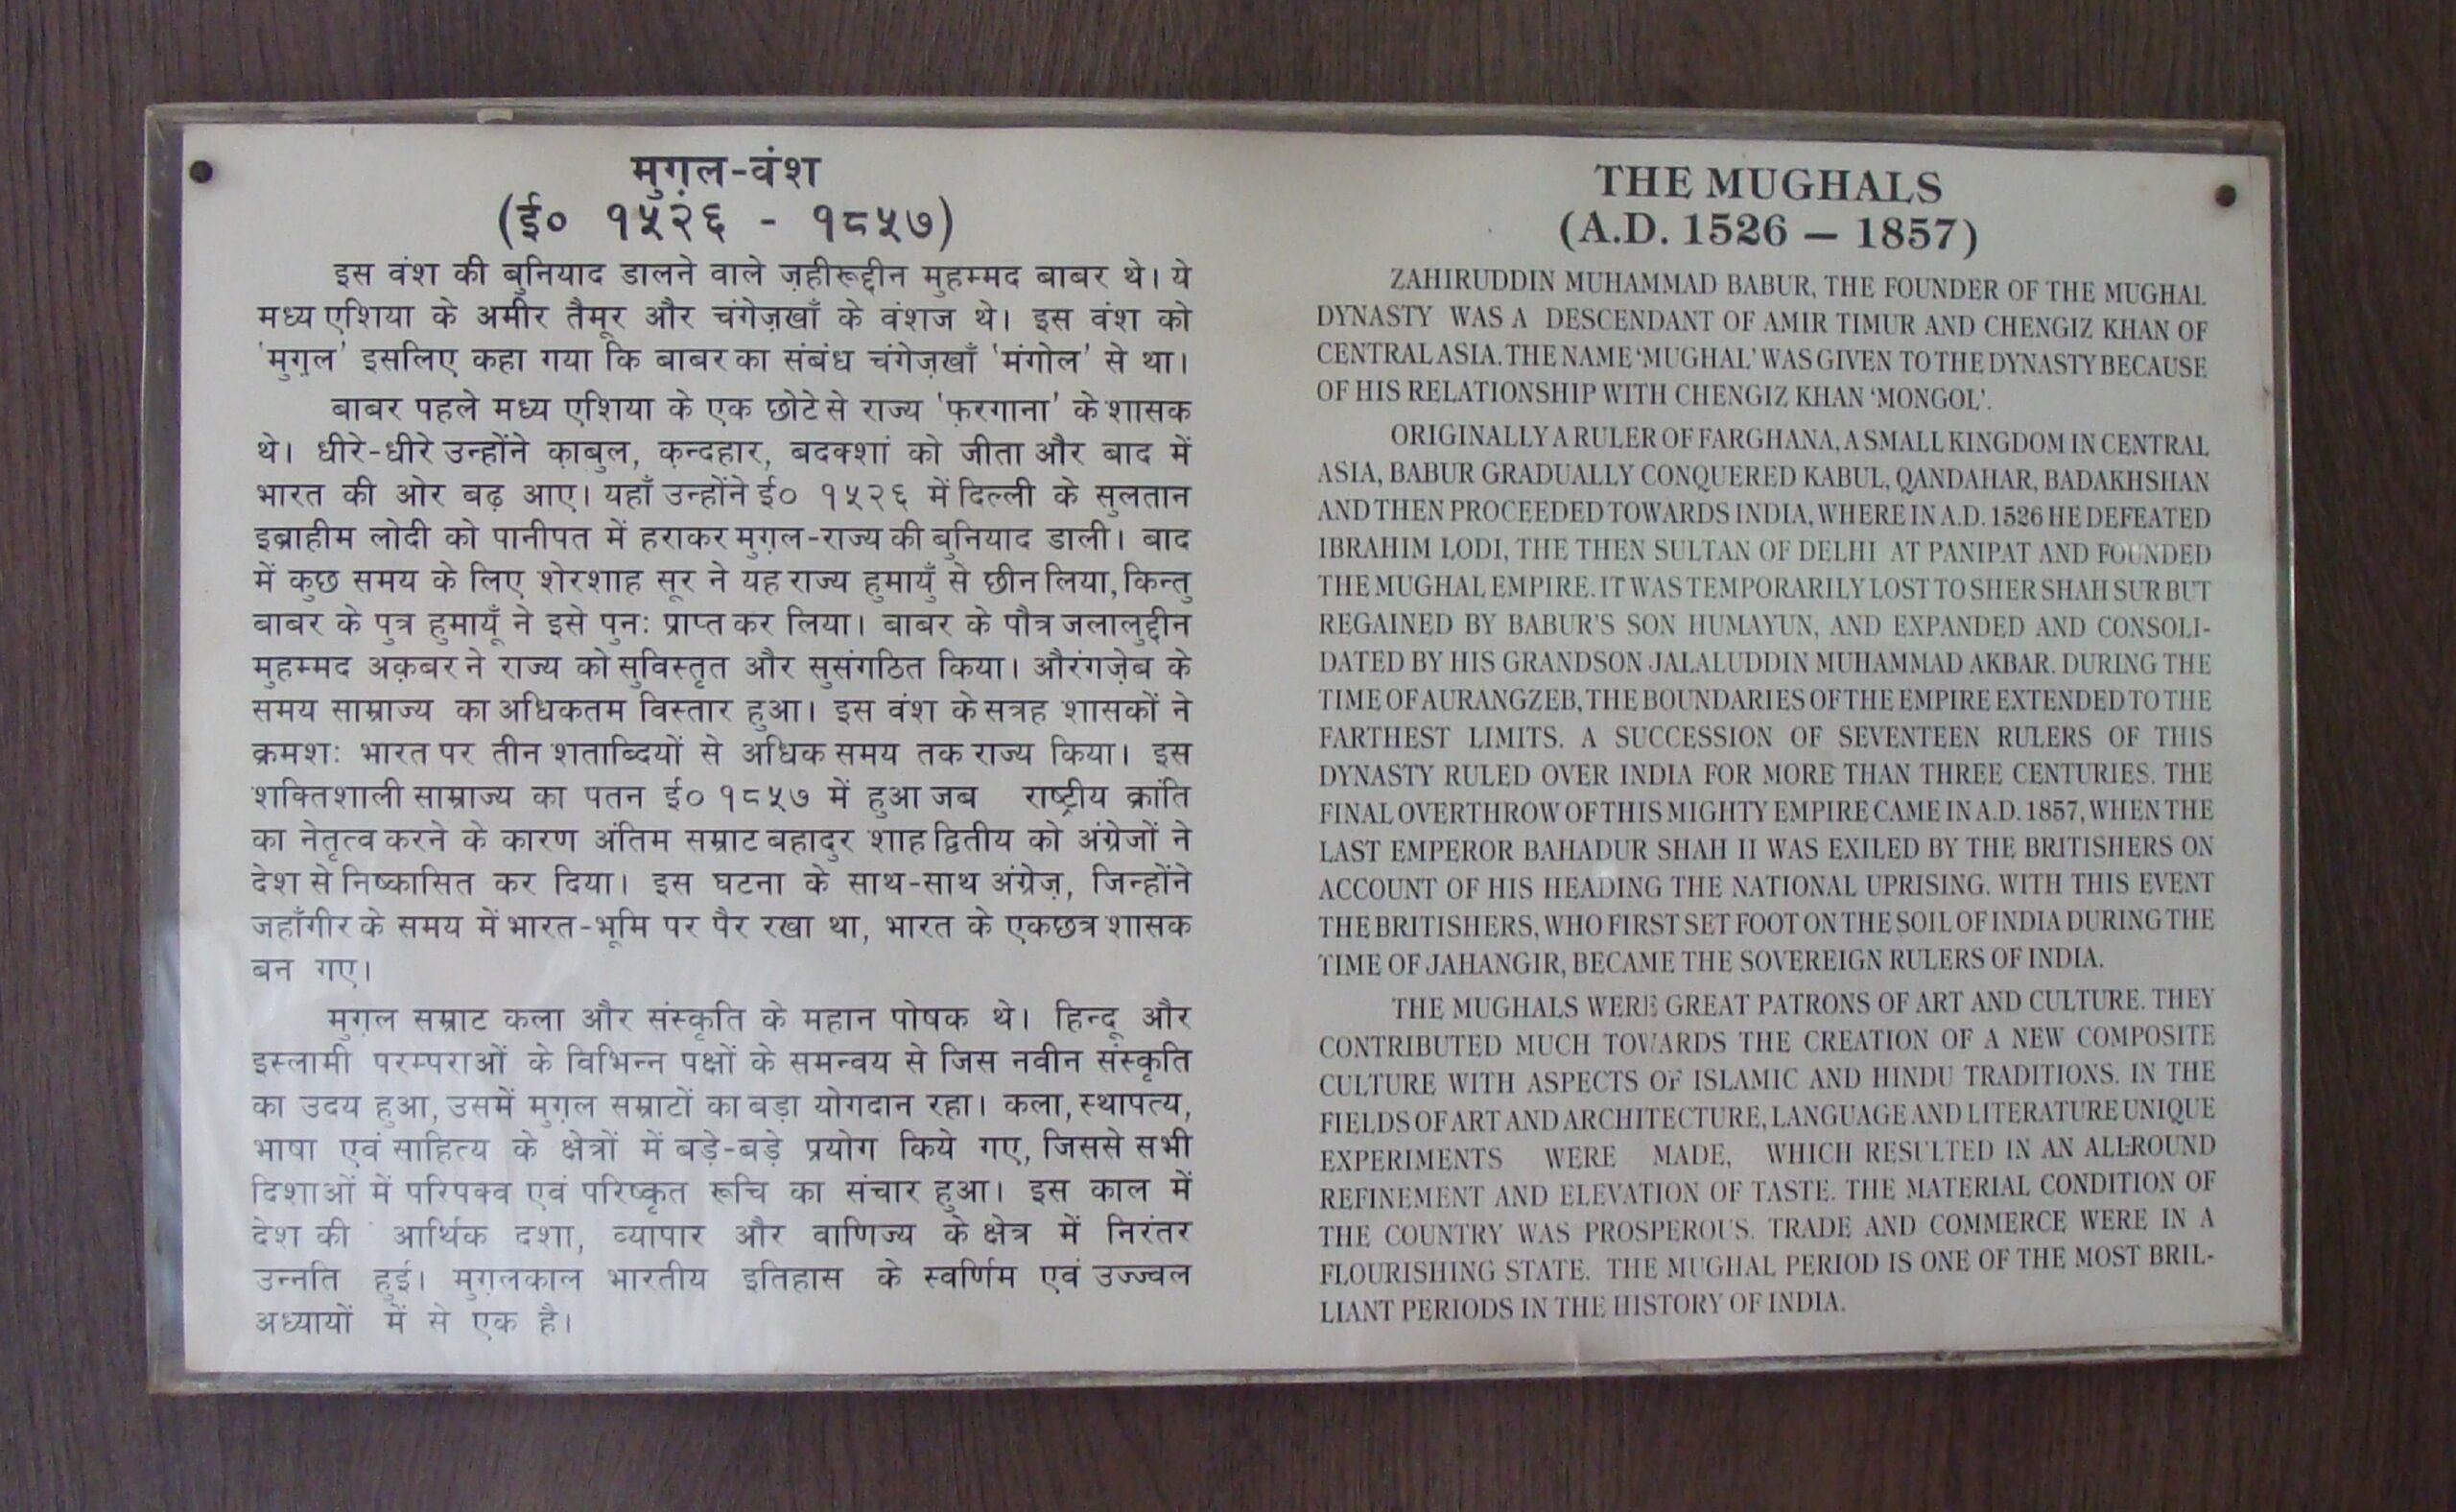 The Mughal Period (A.D. 1526 - 1857)